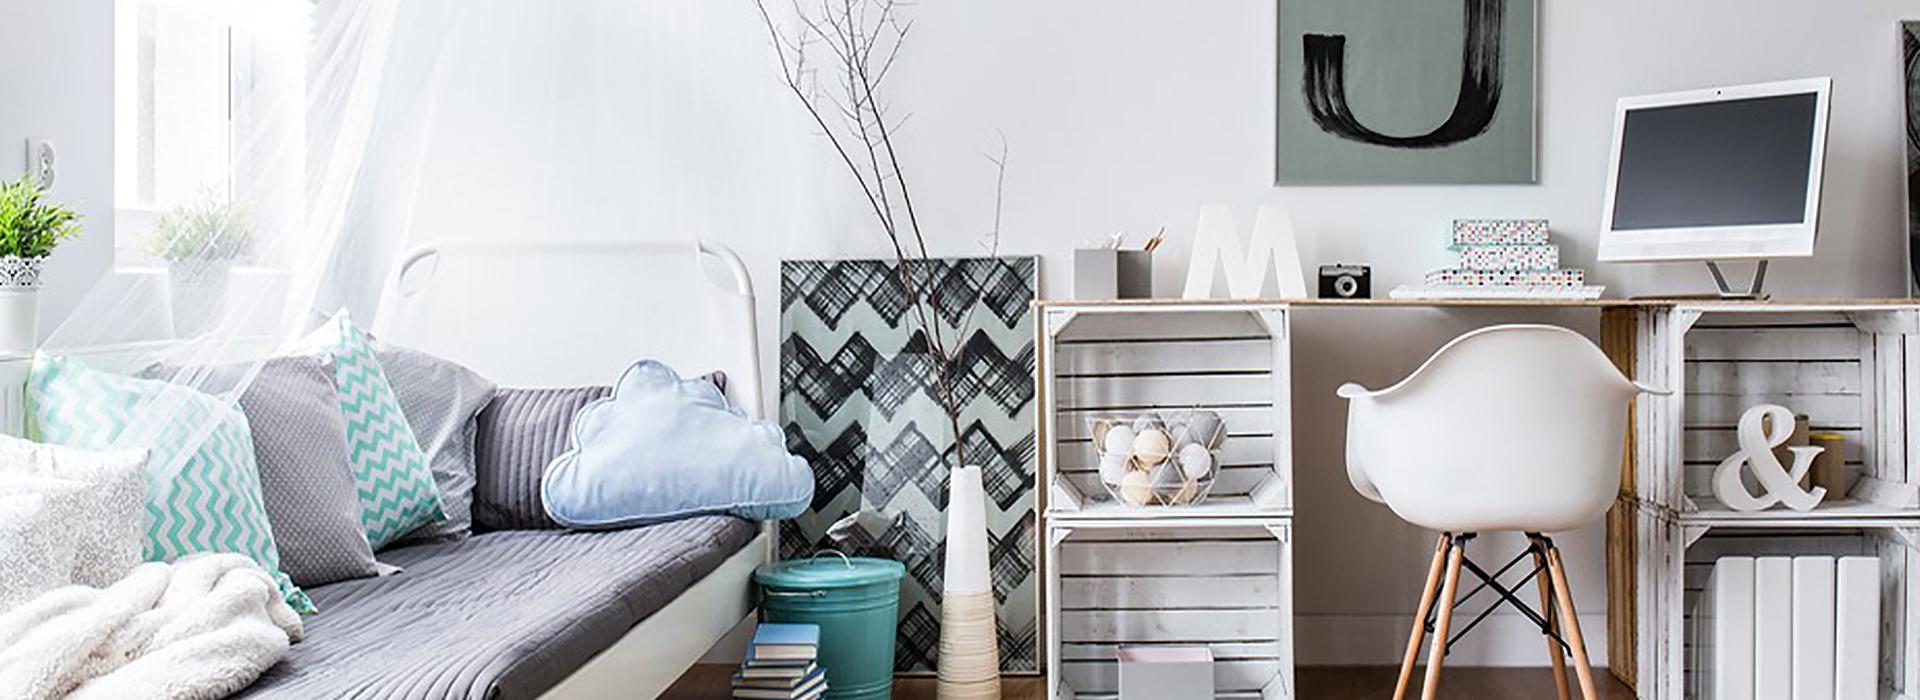 Kleine Wohnung Groß Stauraumlösungen